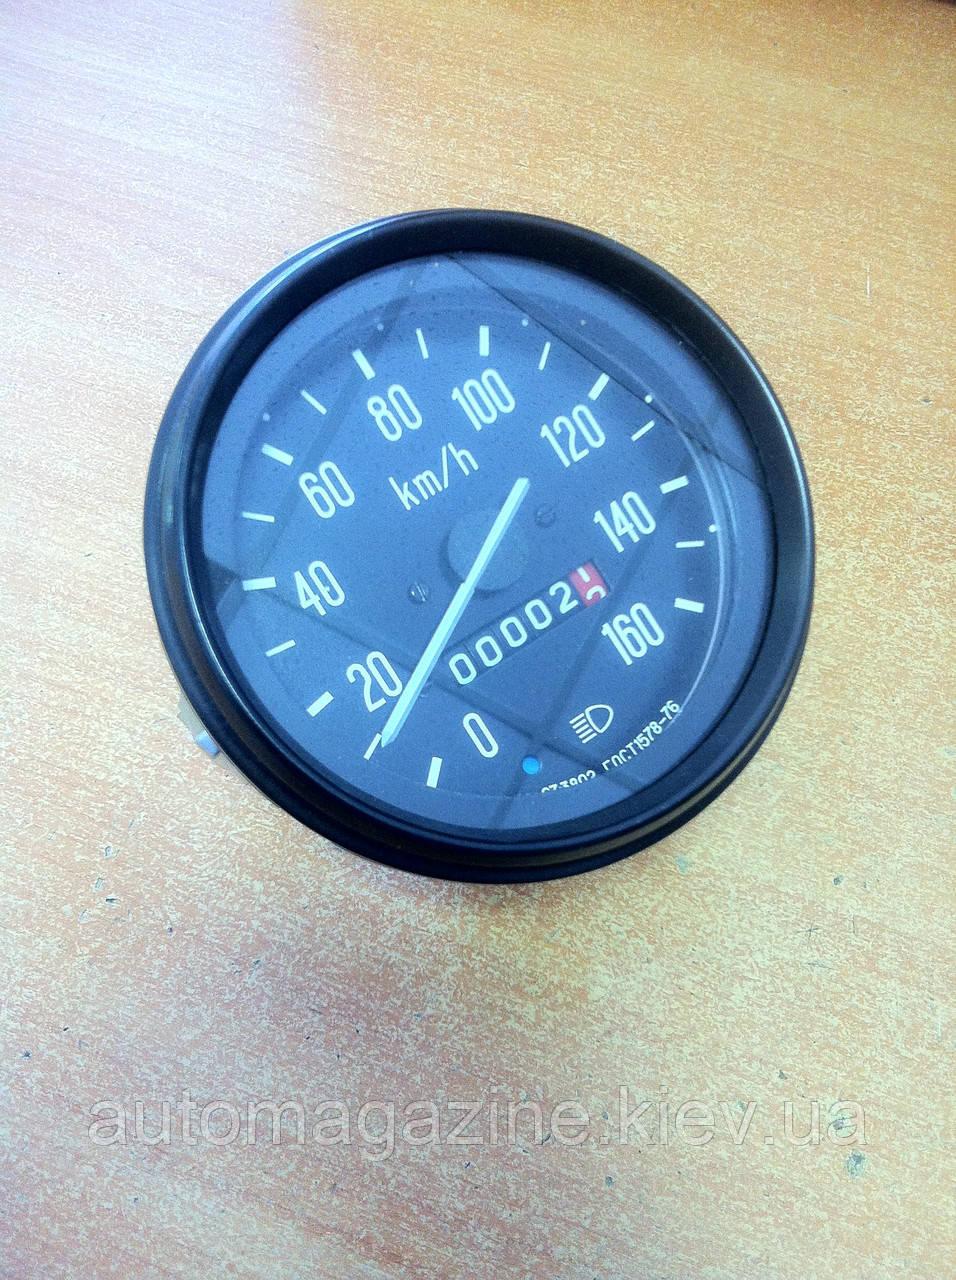 Спідометр УАЗ (великий)